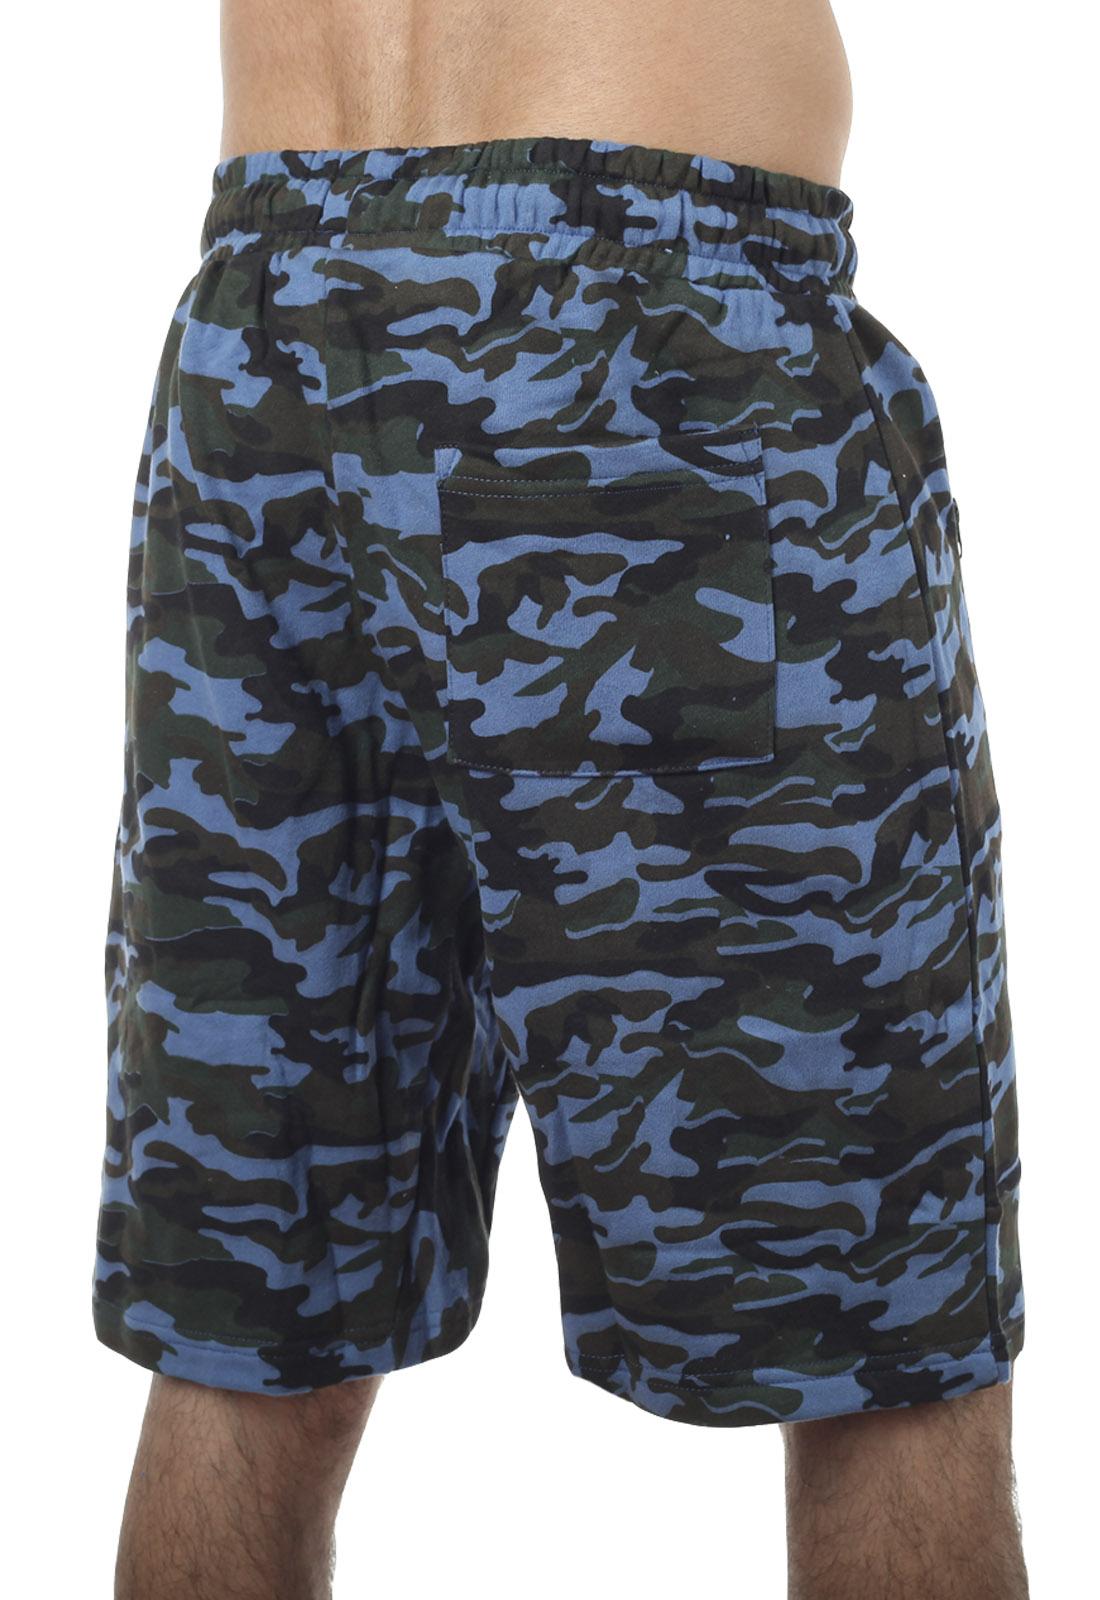 Мужские шорты камуфляж от ТМ New York Athletics